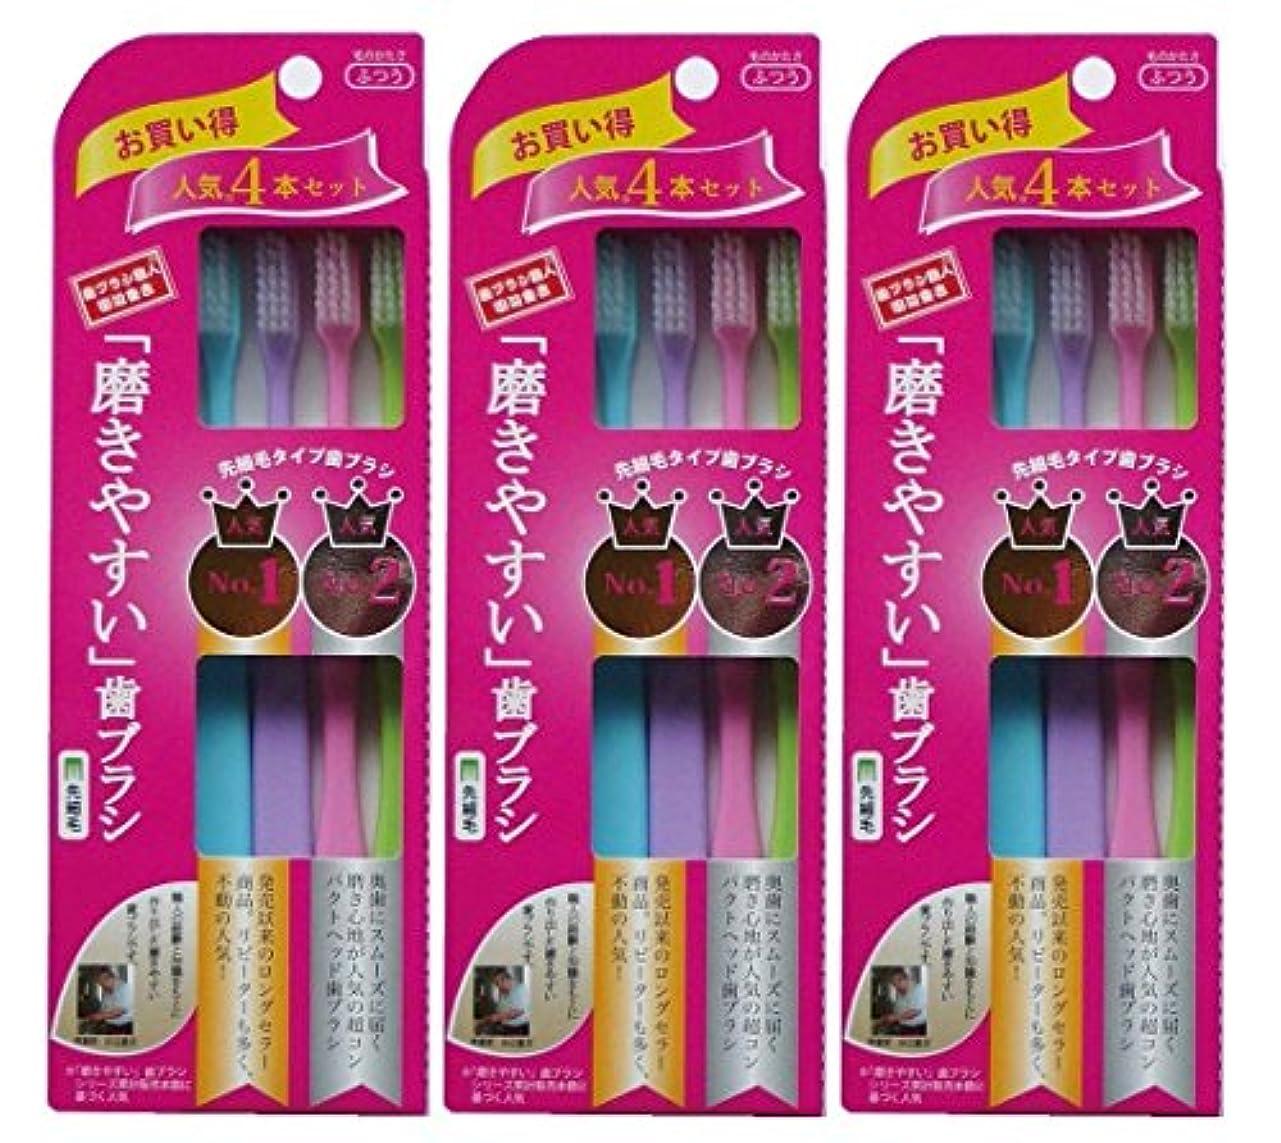 ほこりっぽい直立侵略磨きやすい歯ブラシ 人気 No.1 No.2 先細毛 LT-21 4本組×3個セット